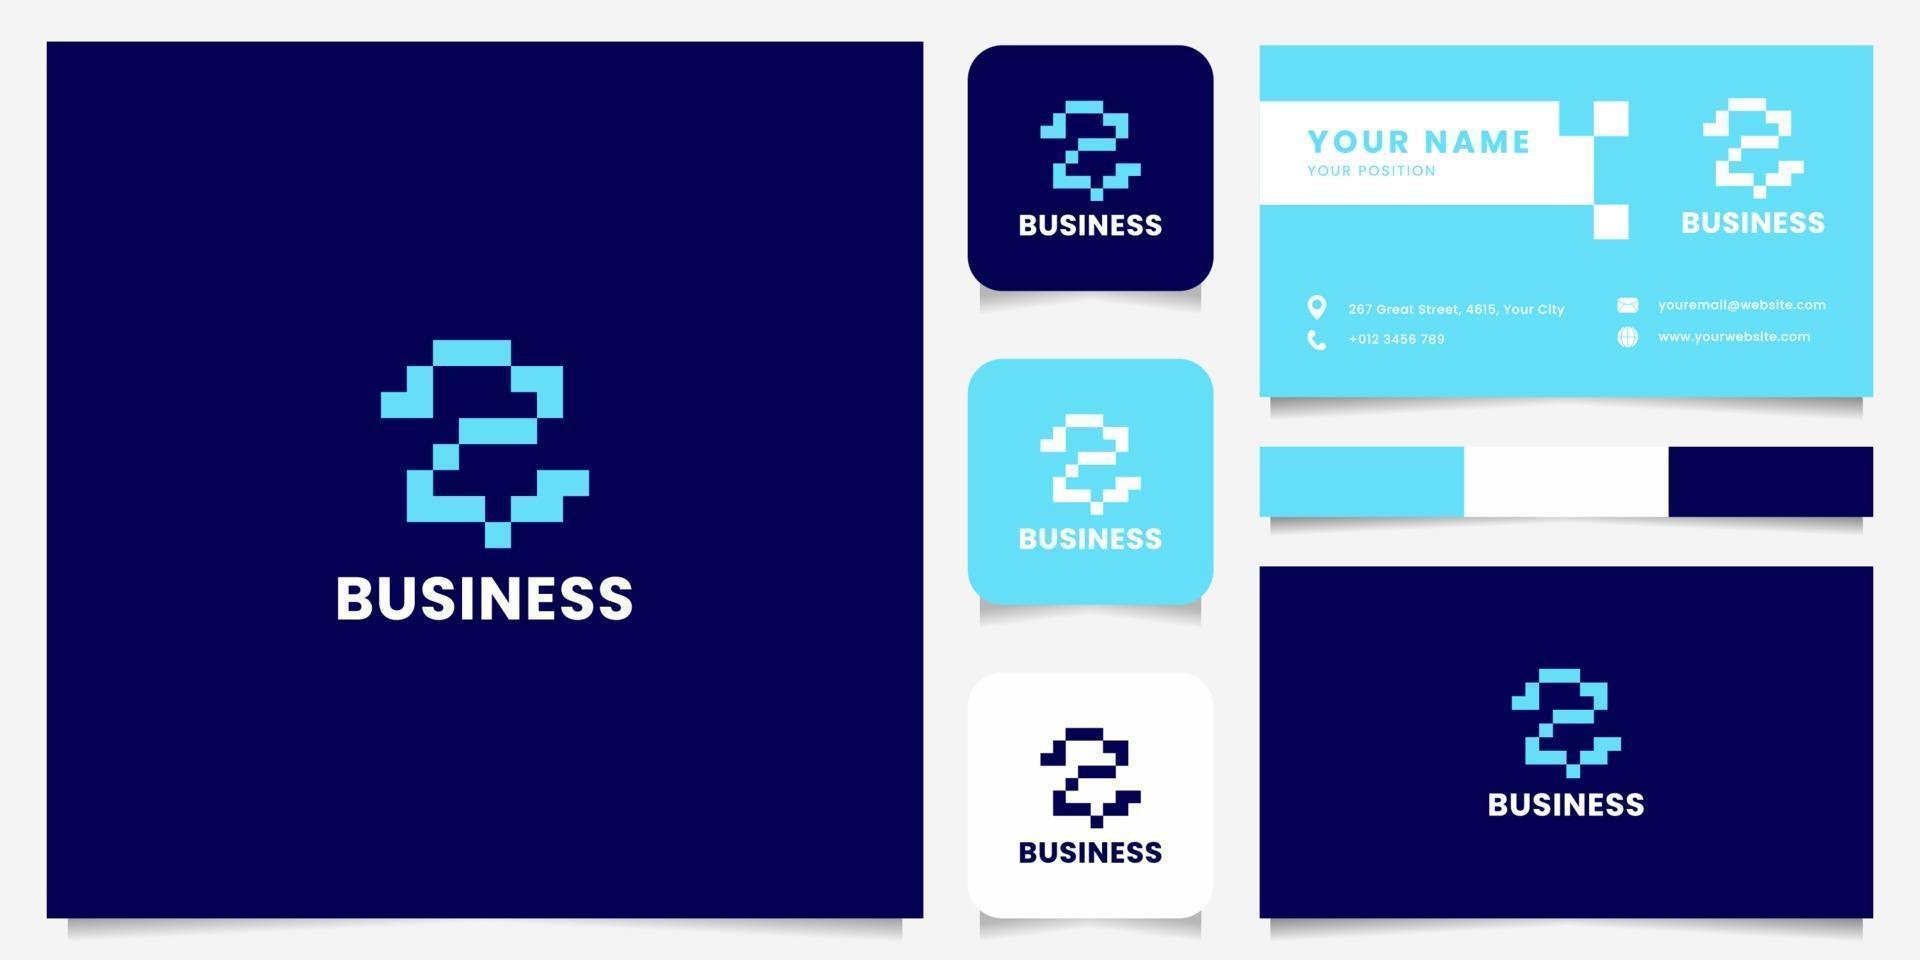 einfaches und minimalistisches blaues Pixelbuchstaben-Z-Logo mit Visitenkartenschablone vektor